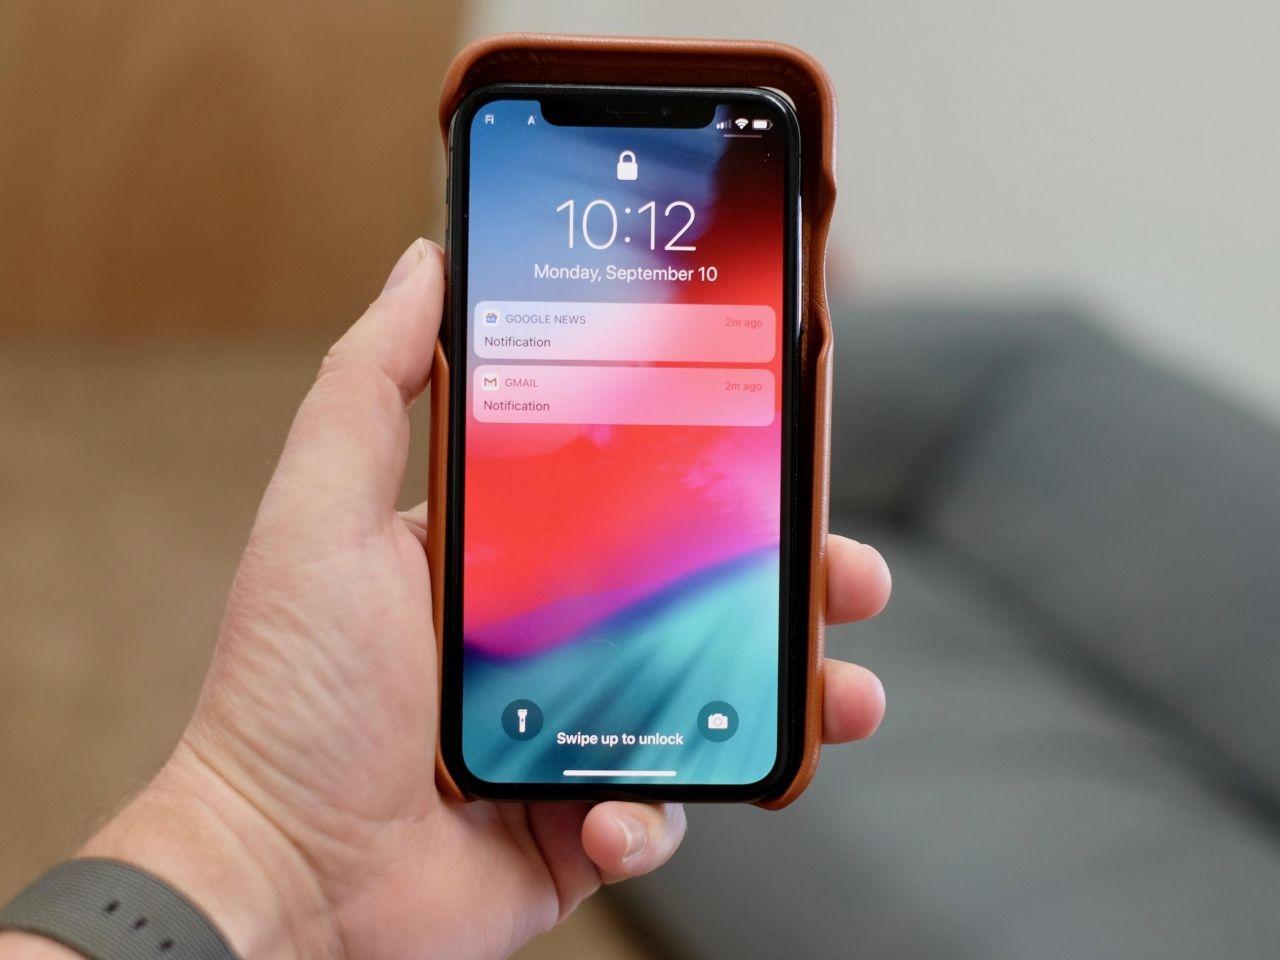 苹果悬赏704.4万元:谁能找到iPhone的缺陷,就能获得巨额奖金